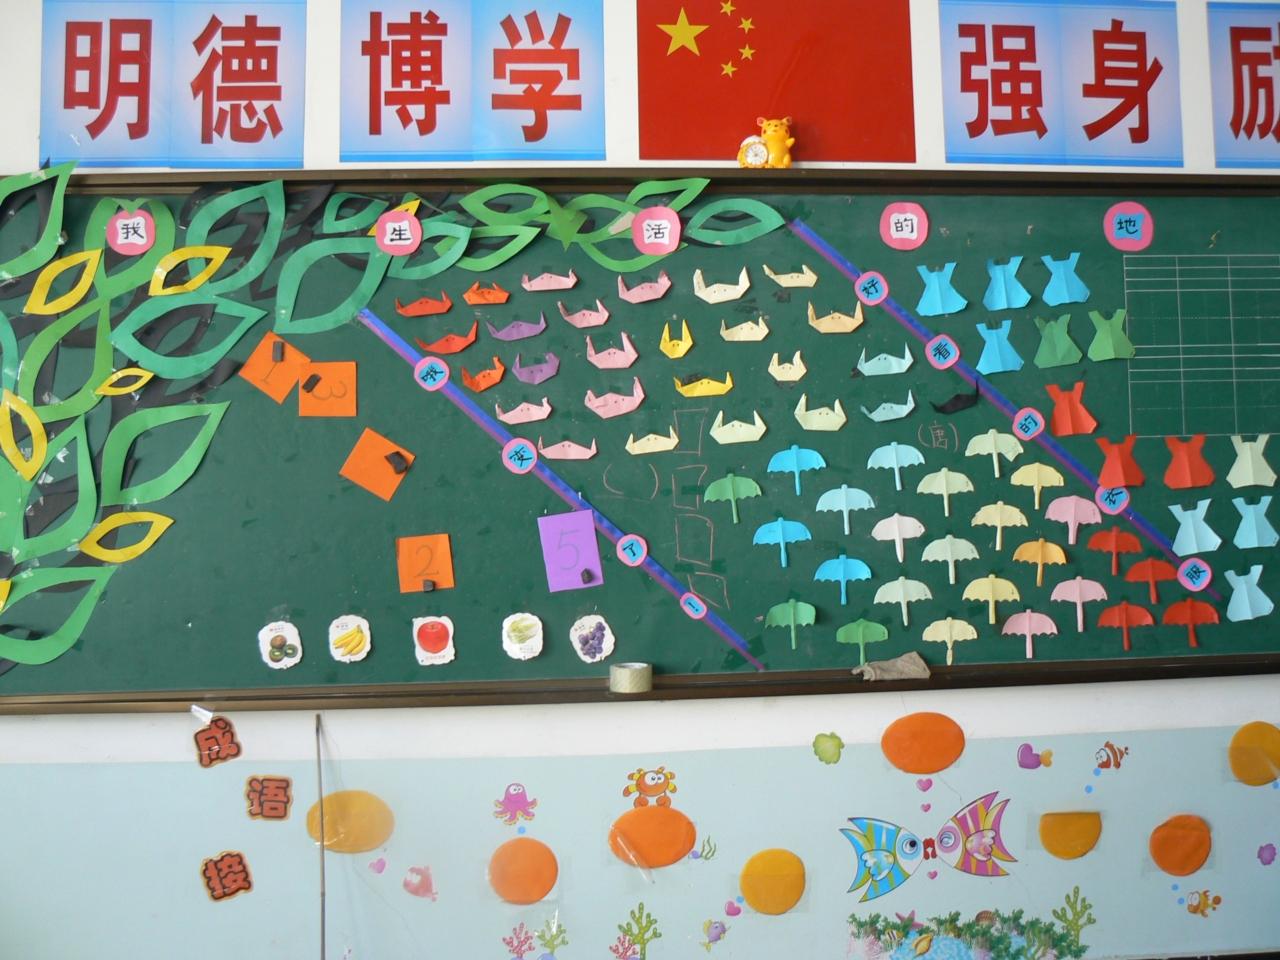 幼儿园墙面边框设计 幼儿小班开学主题墙-幼儿园小班水果主题墙-幼儿